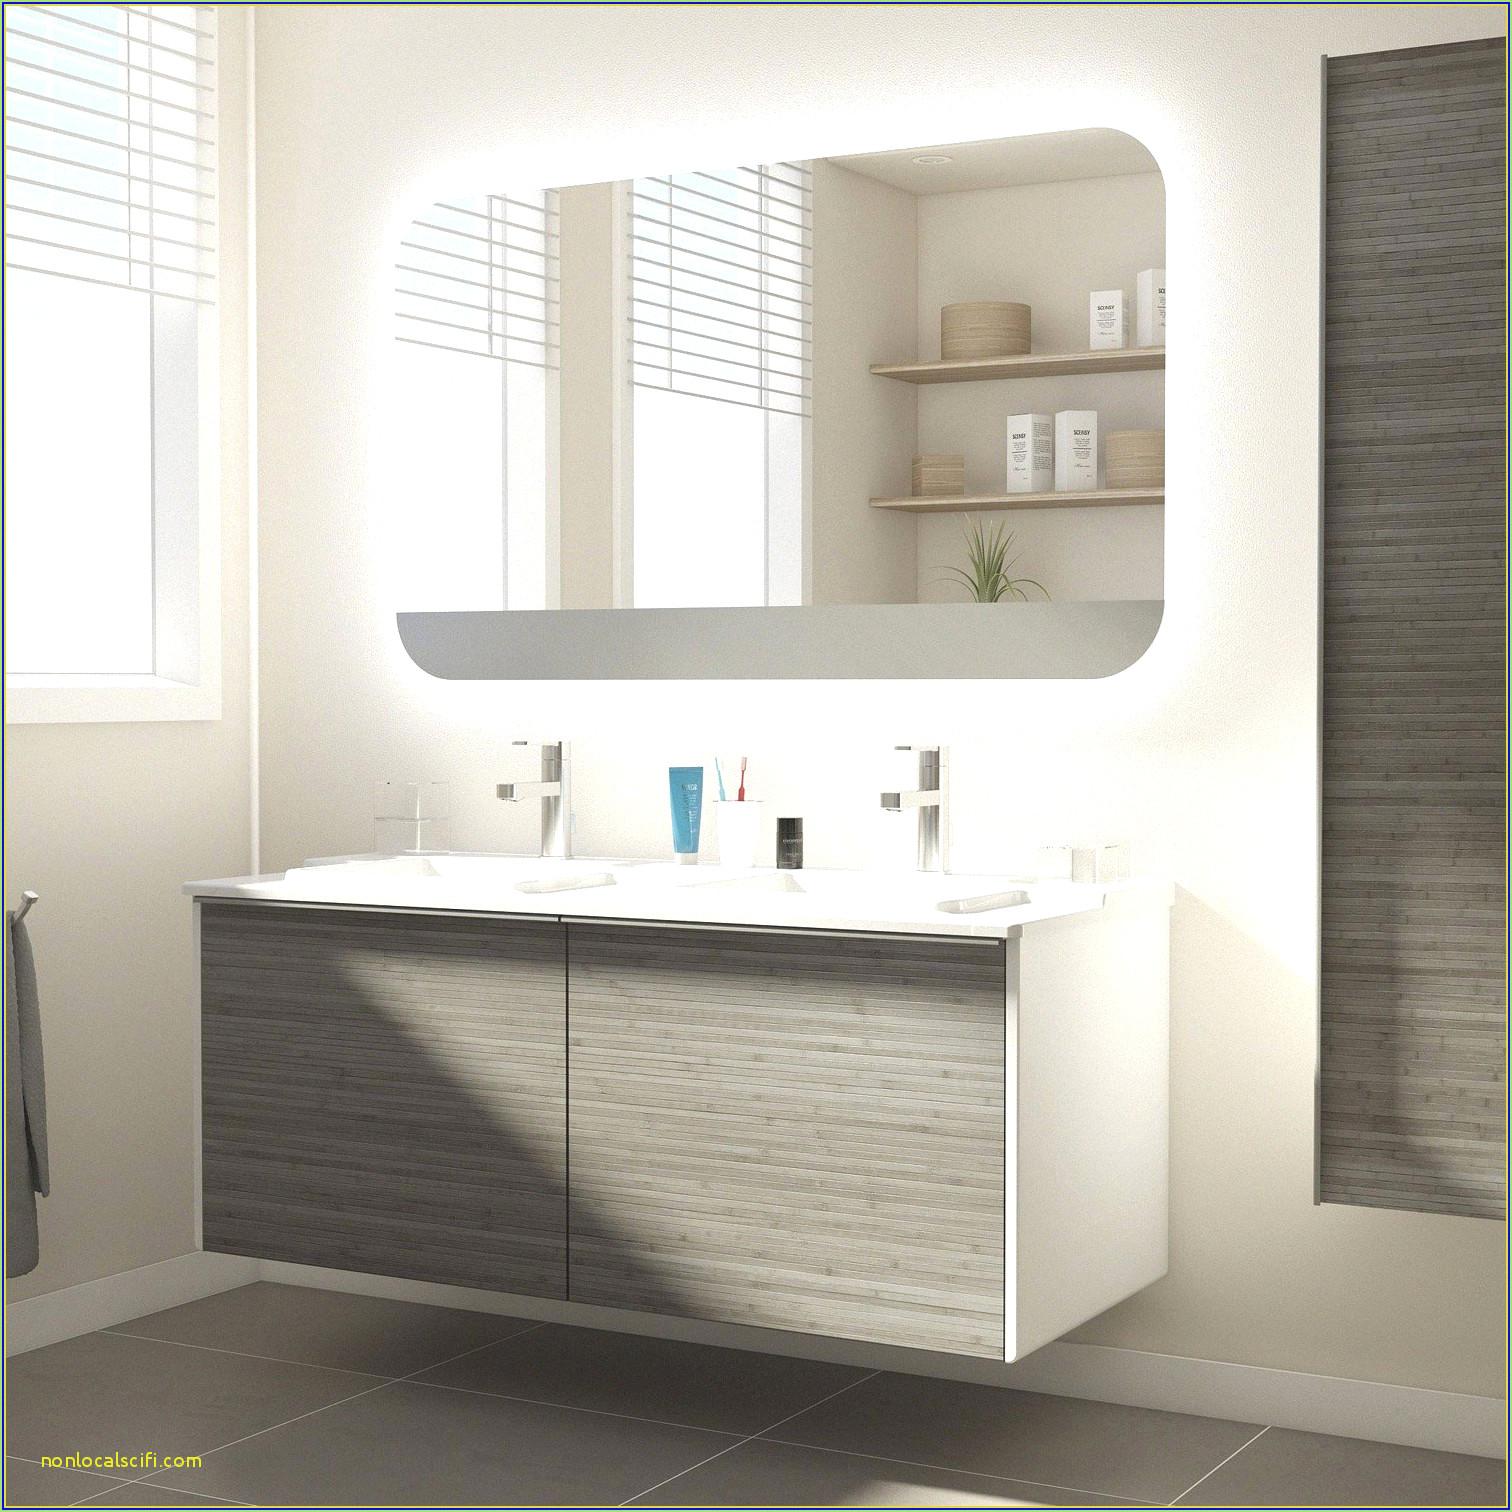 Armoire De toilette Miroir Leroy Merlin Luxe Photos Résultat Supérieur 97 Nouveau Miroir Rangement Salle De Bain Image